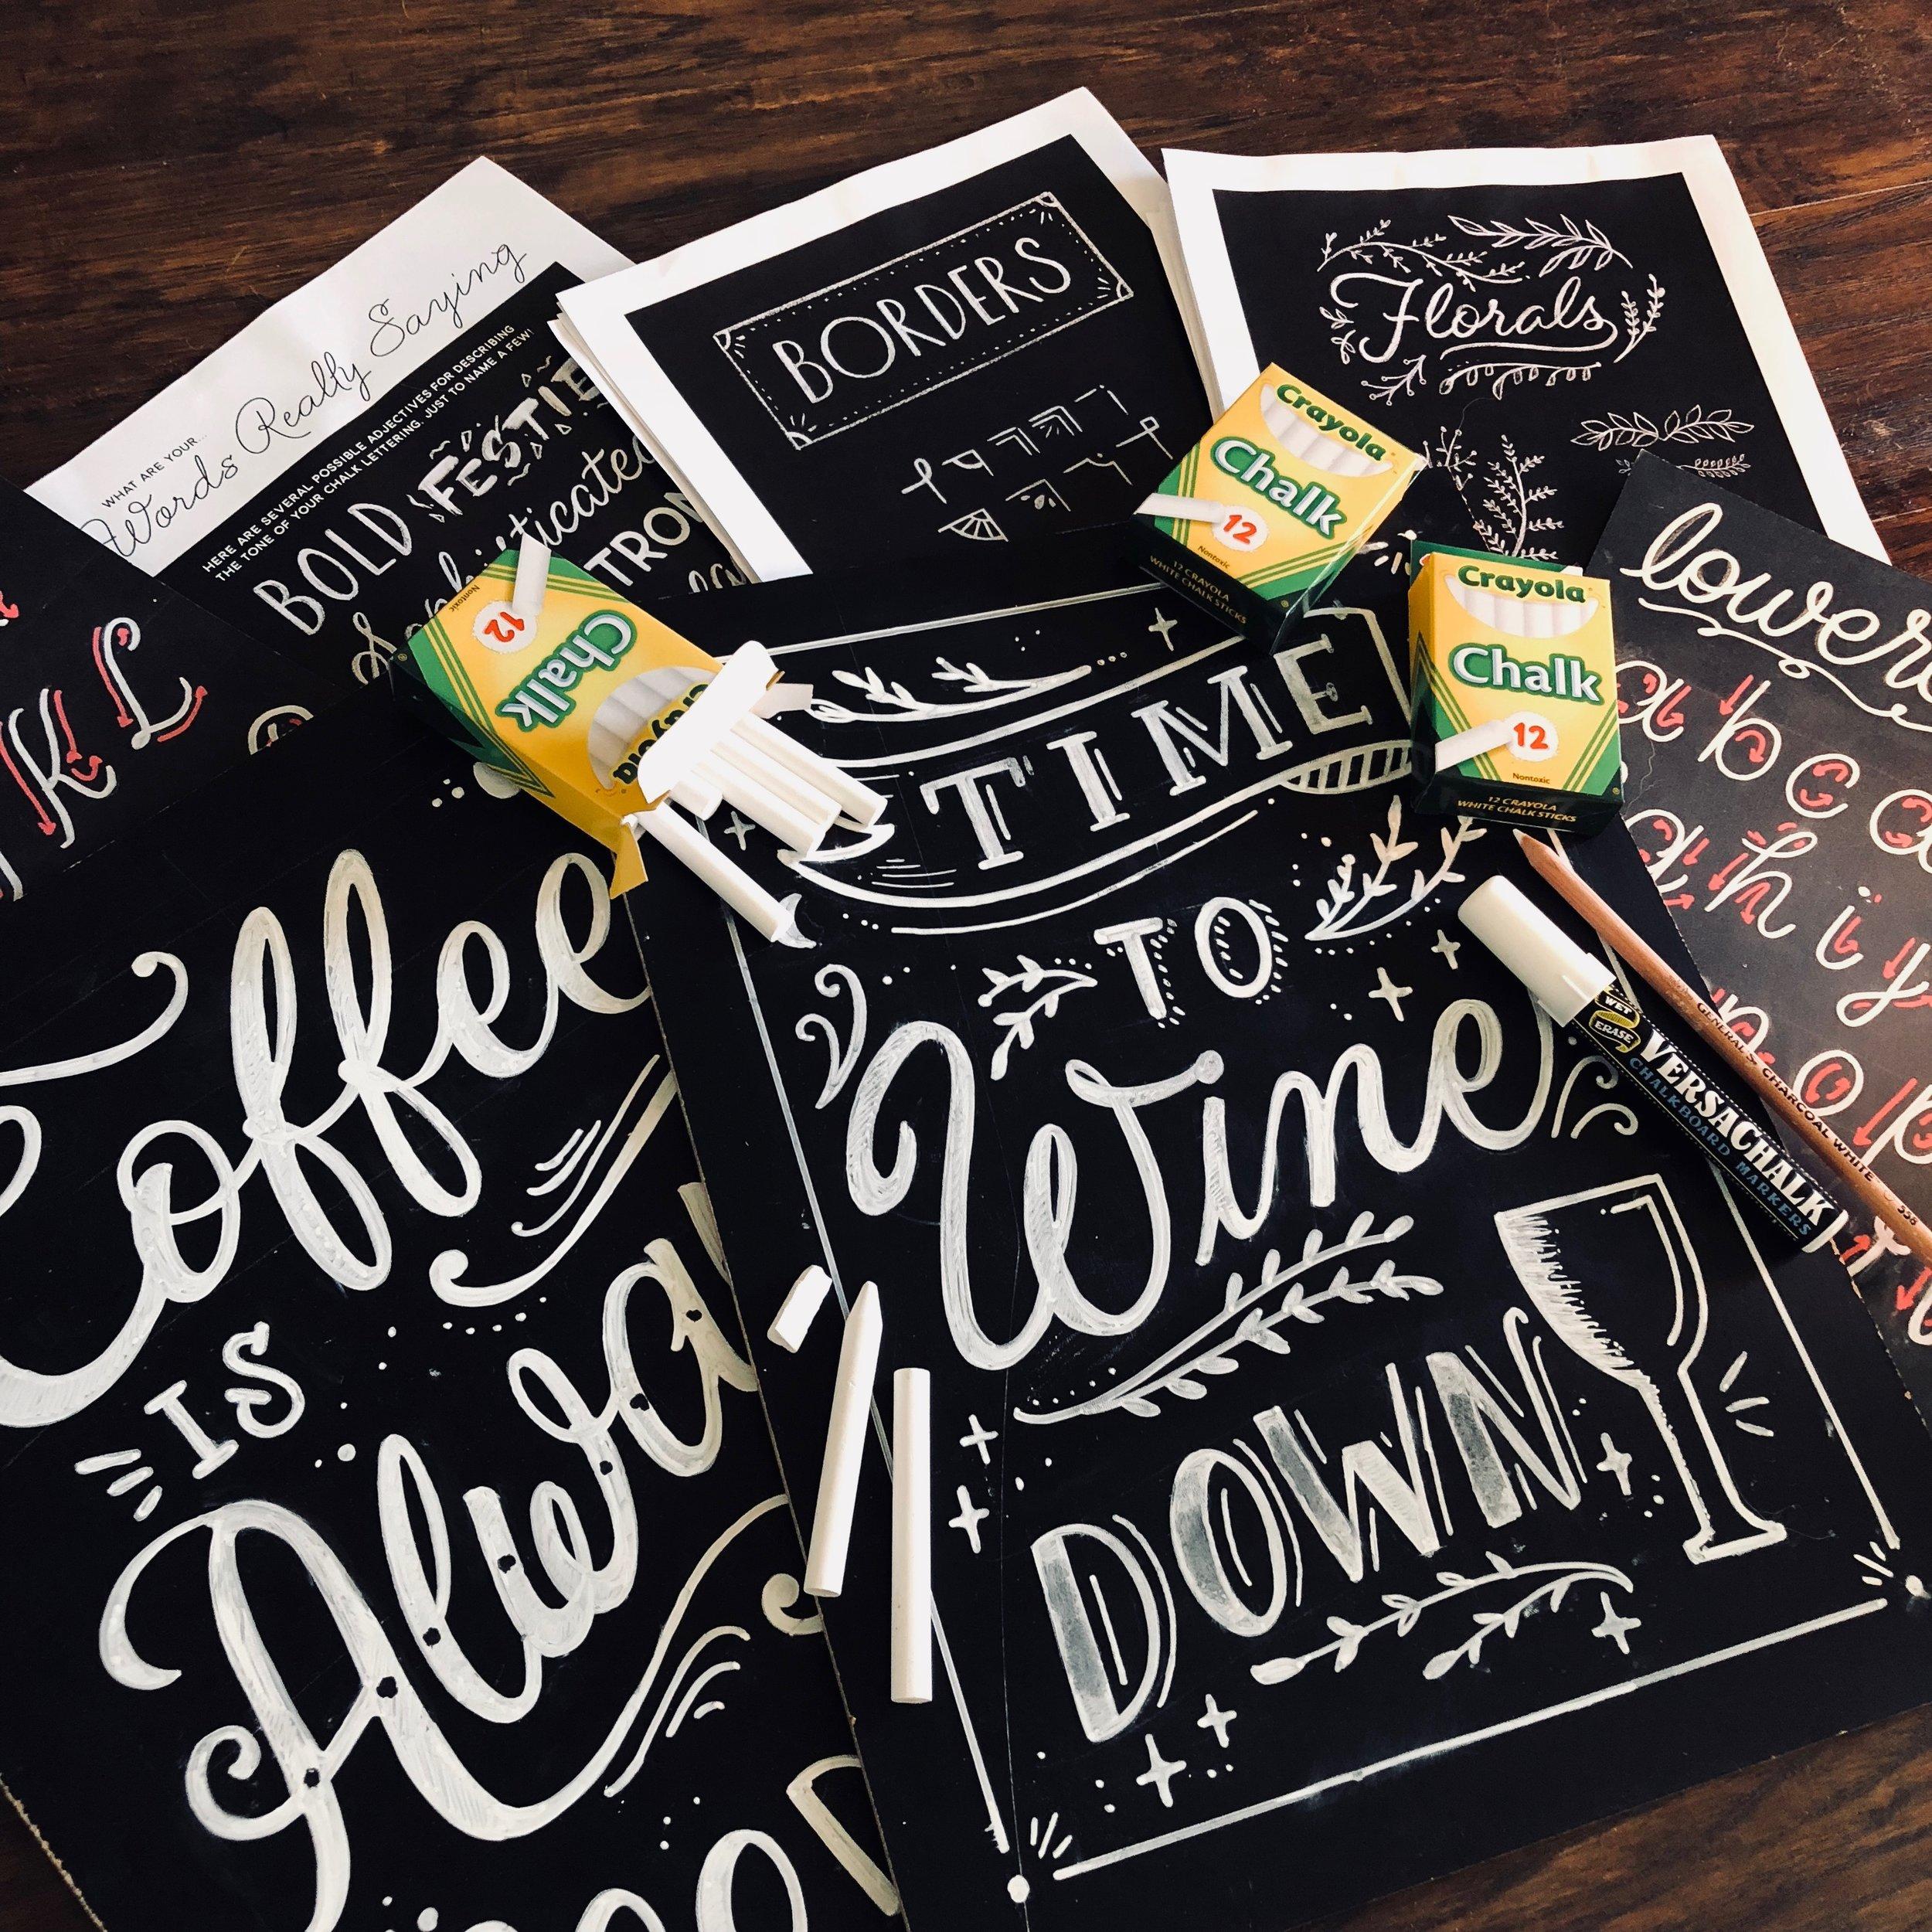 Leo-Gomez-Studio-Hand-Lettering-Workshops-Chalk.JPG